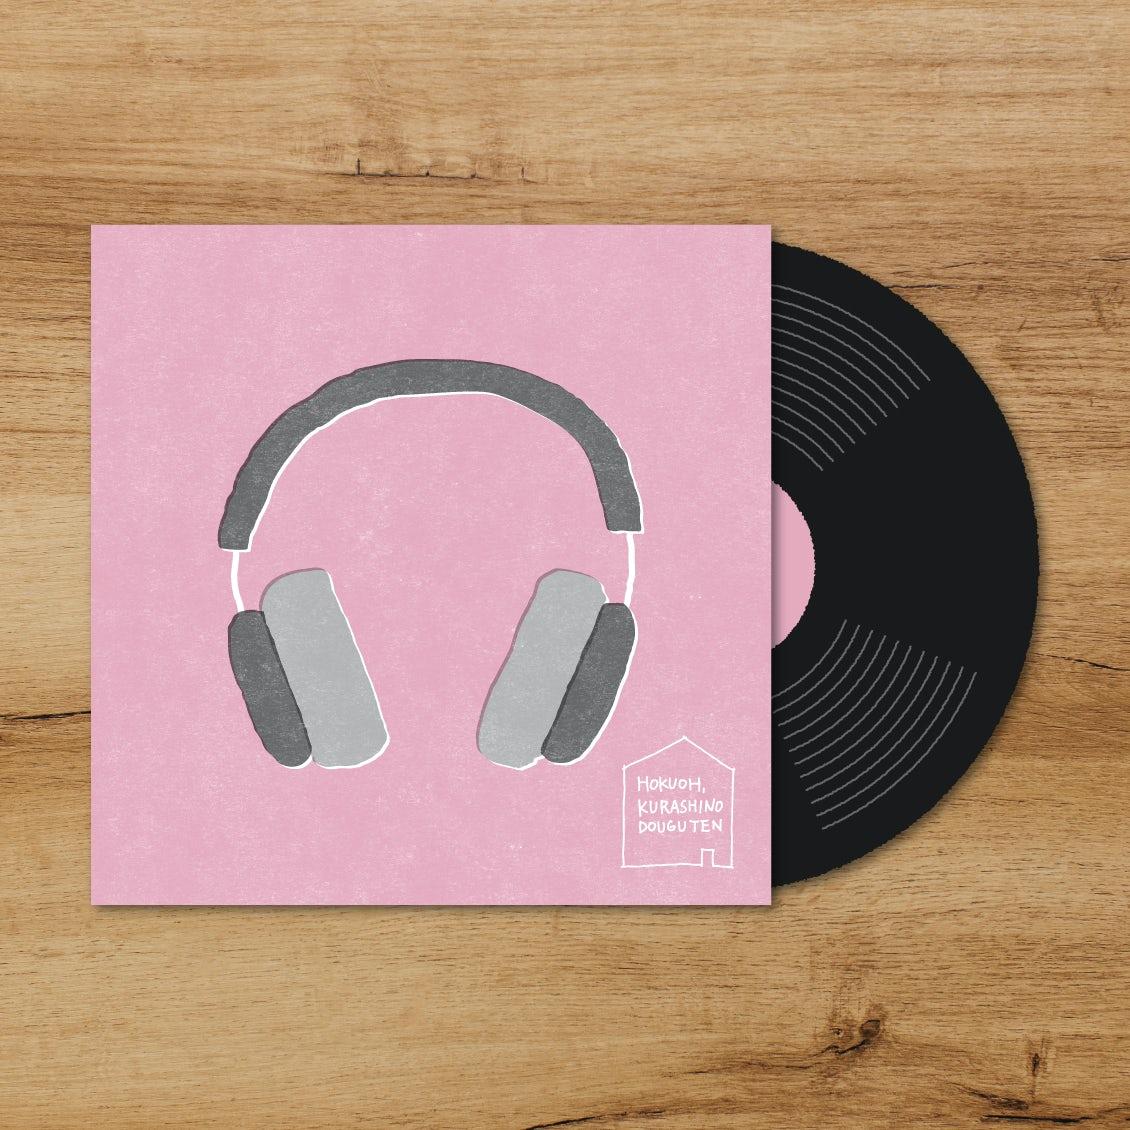 【日常に音楽を】スタッフが今聴きたい曲を集めた「わたしの好きな音楽」を更新しました!